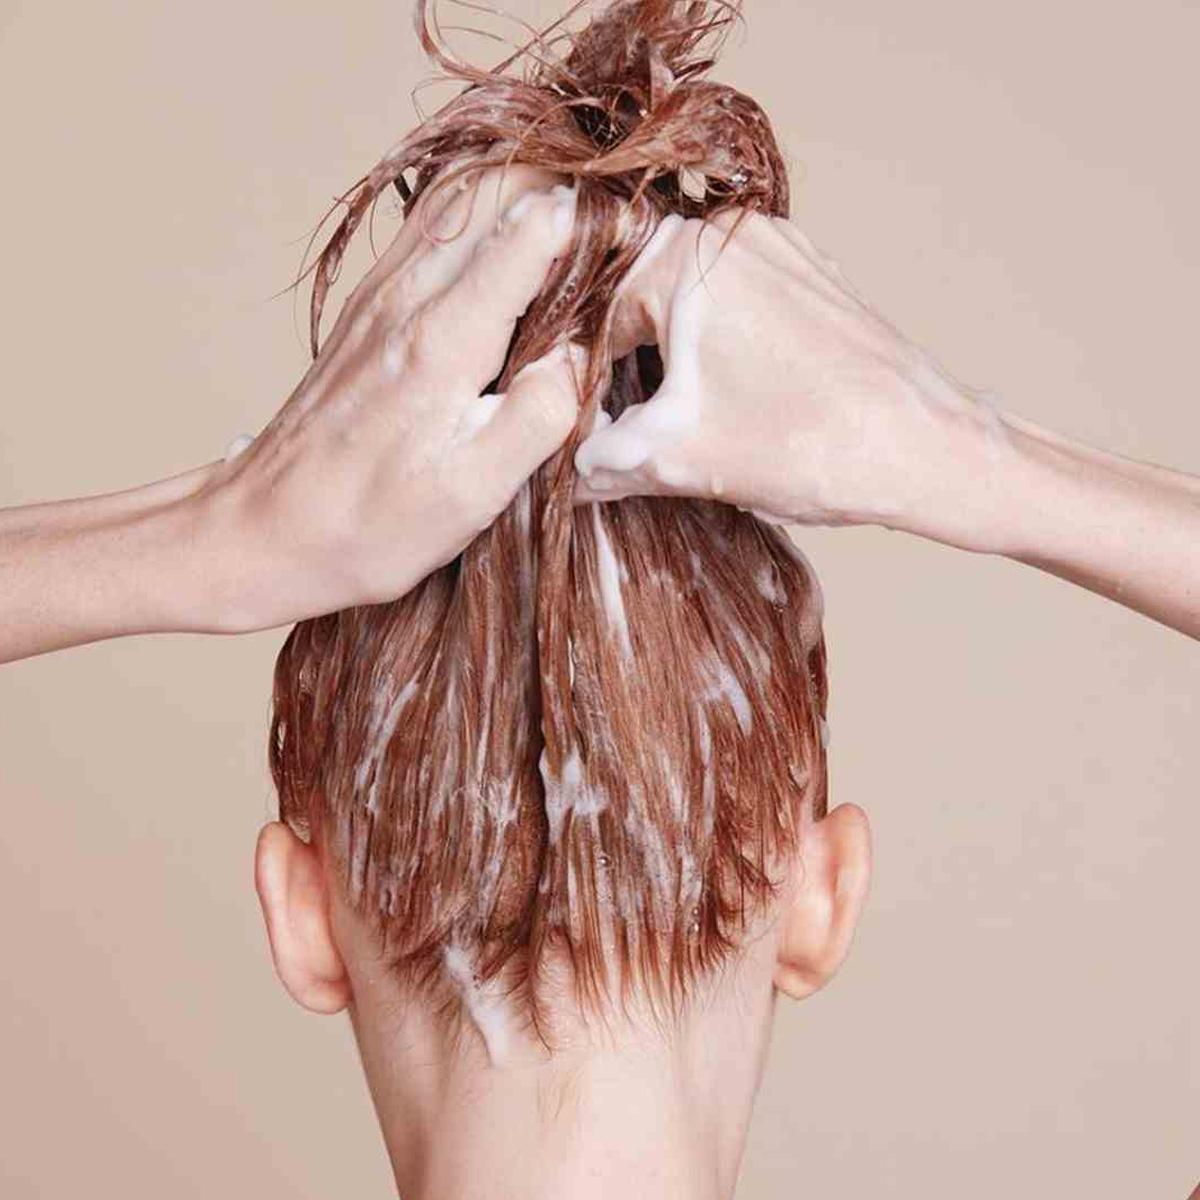 چطور بدون عوض شدن رنگ موها از خواص درمانی حنا استفاده کنیم؟